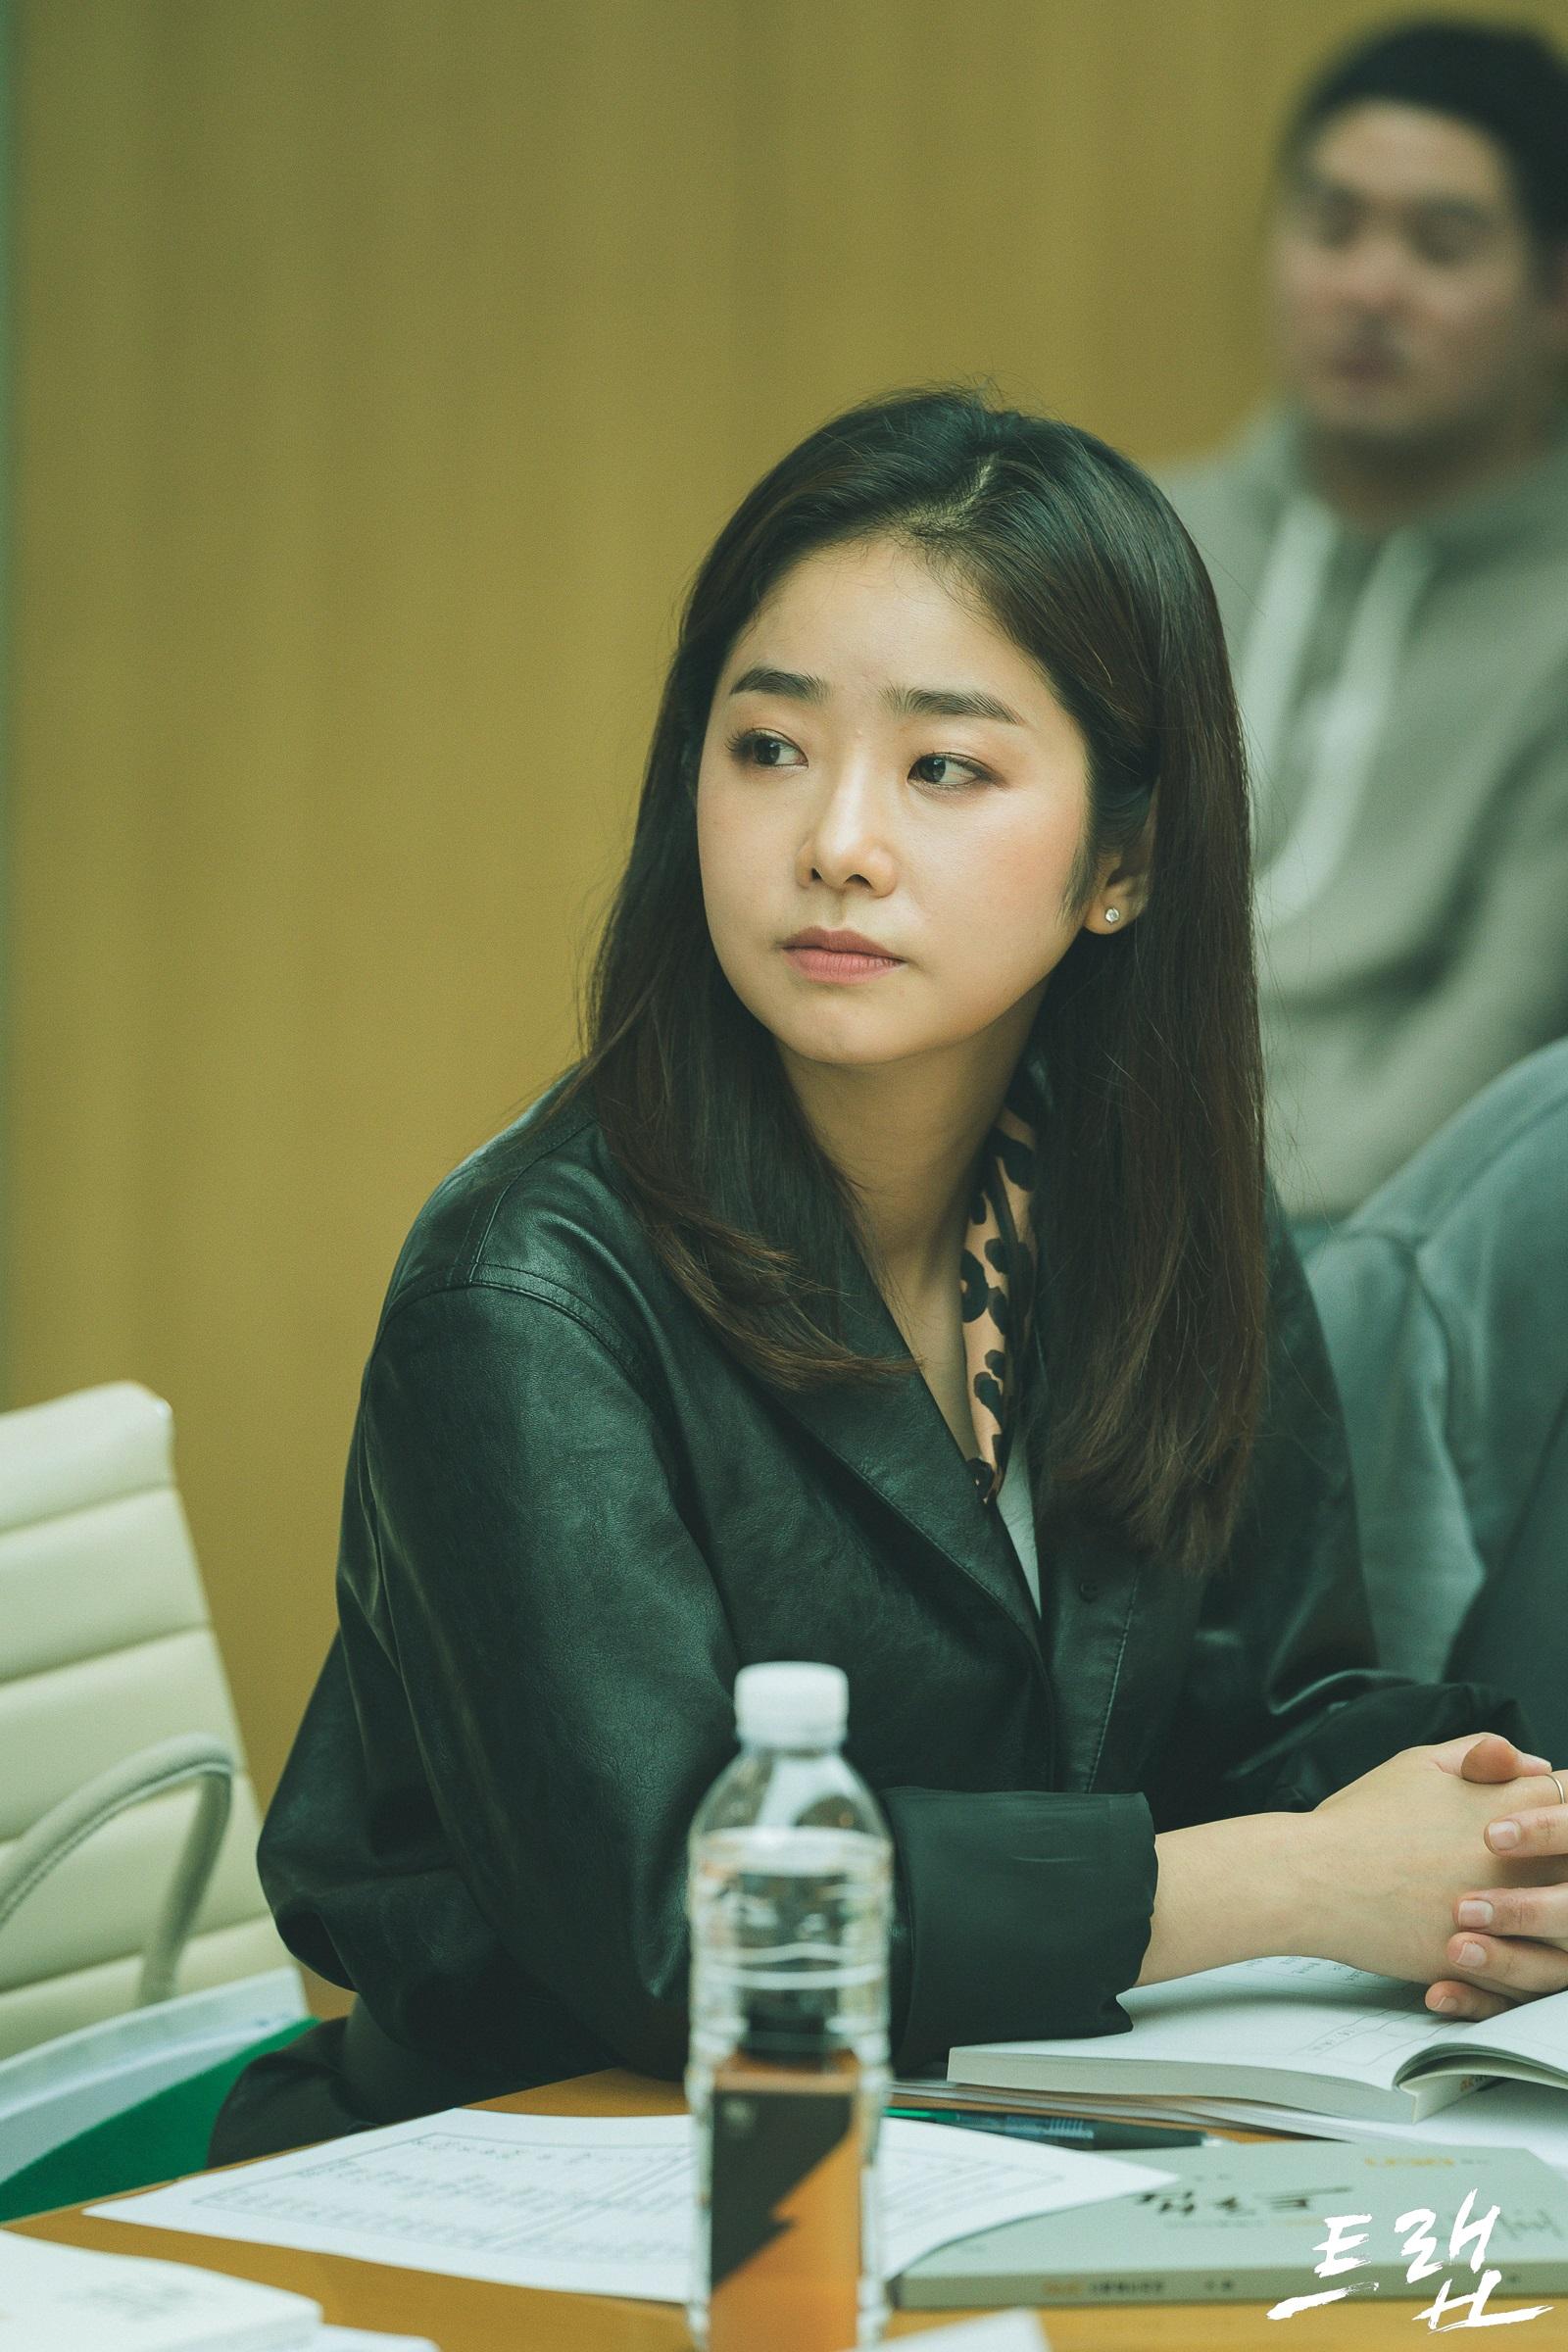 04_seo4.jpg